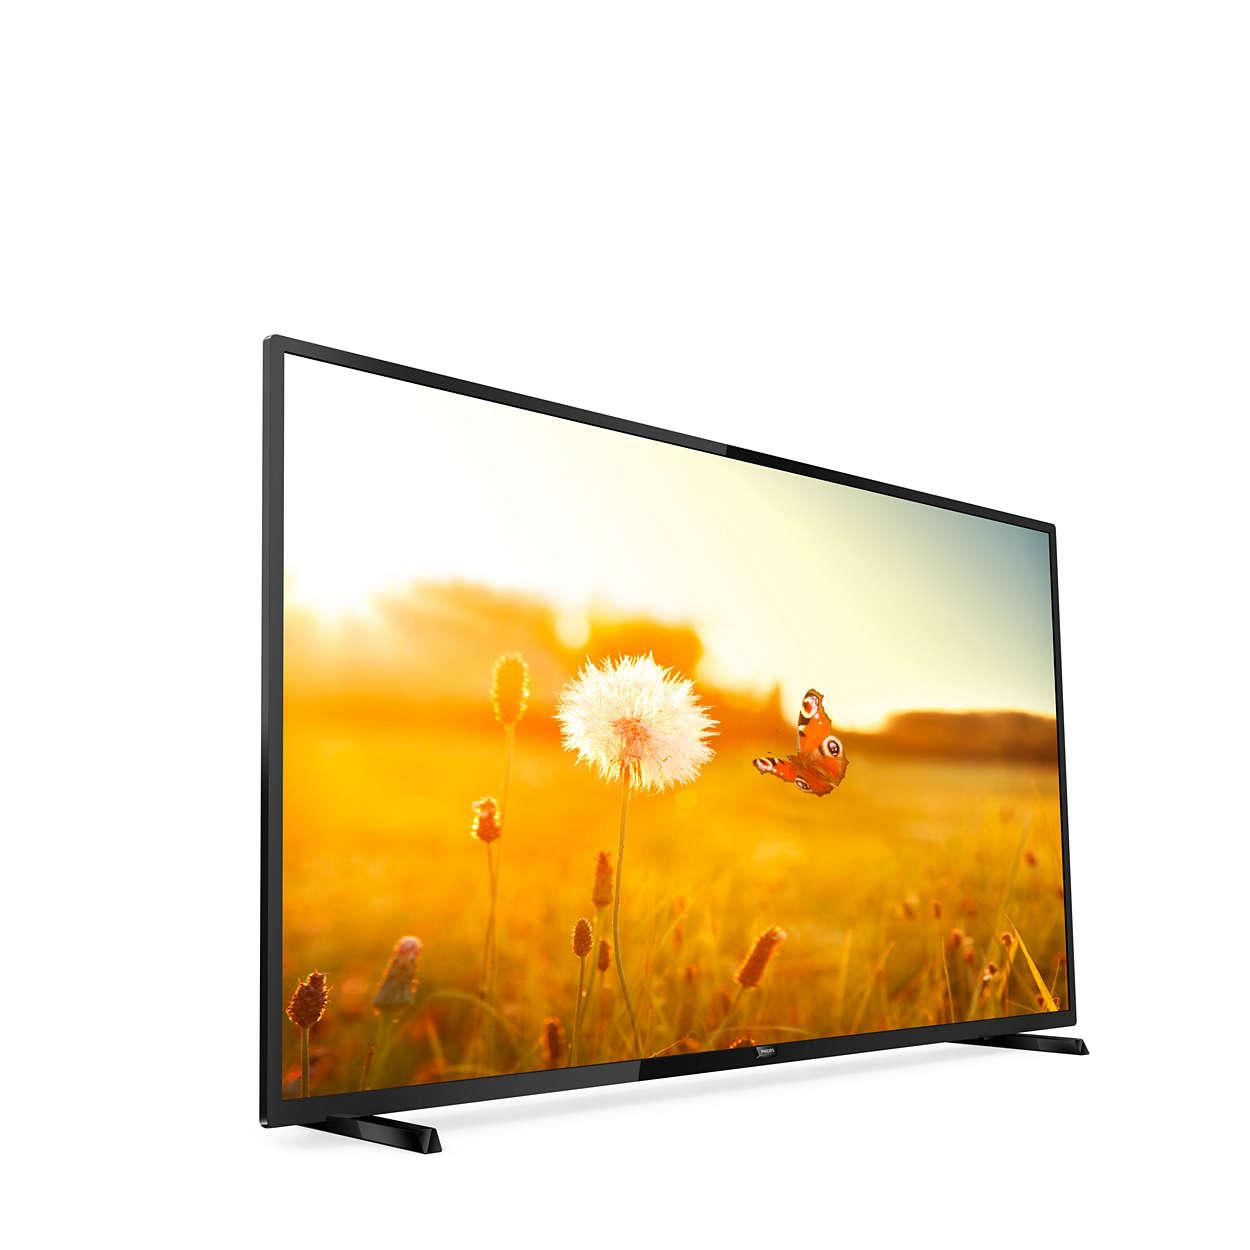 32' HTV Philips 32HFL3014 - EasySuite